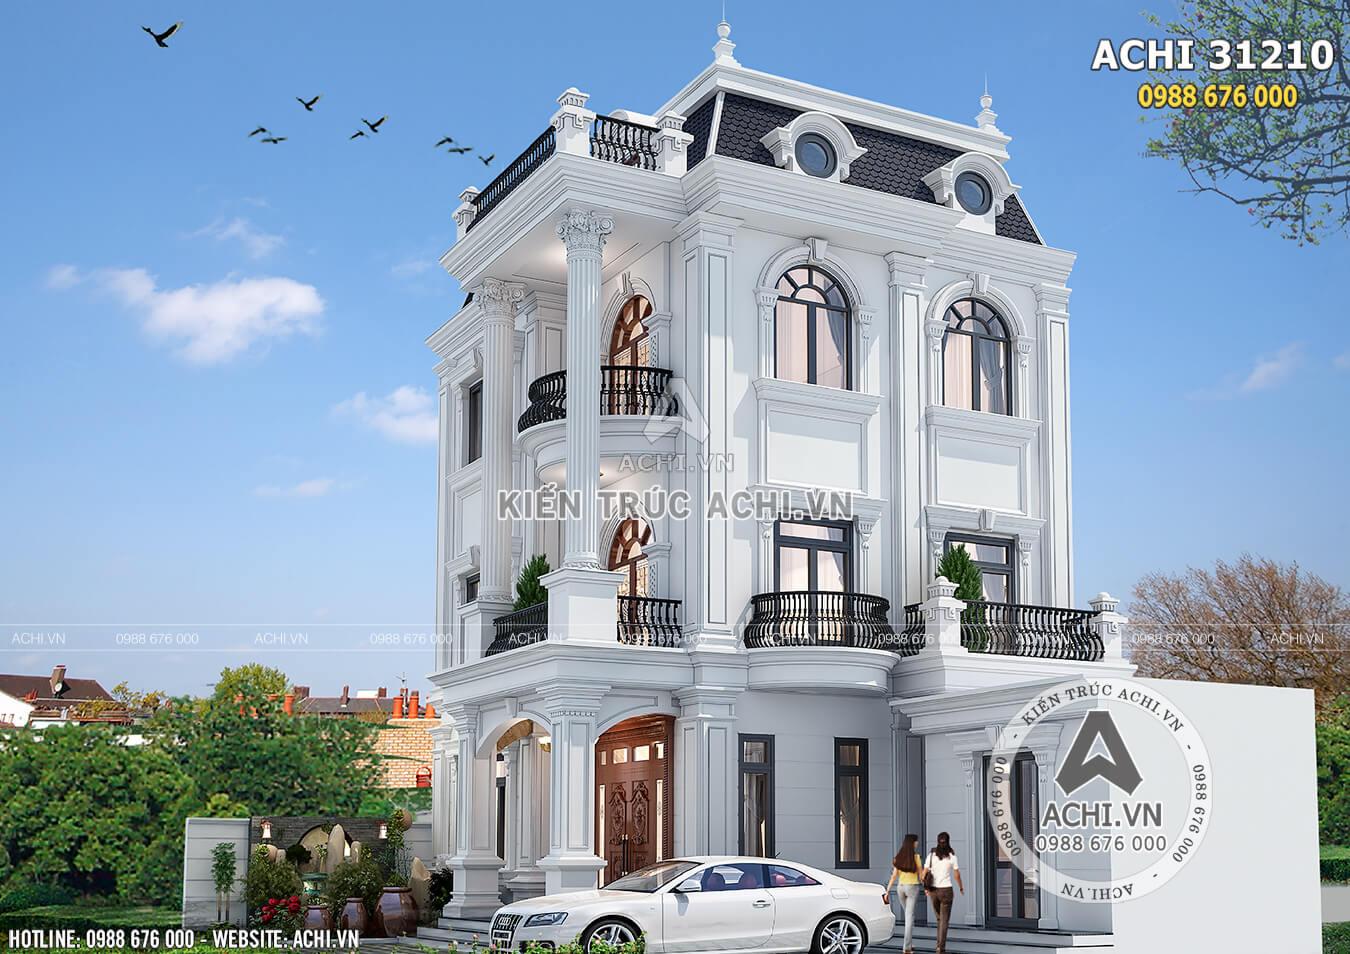 Mẫu thiết kế biệt thự 3 tầng tân cổ điển đẹp - ACHI 31210